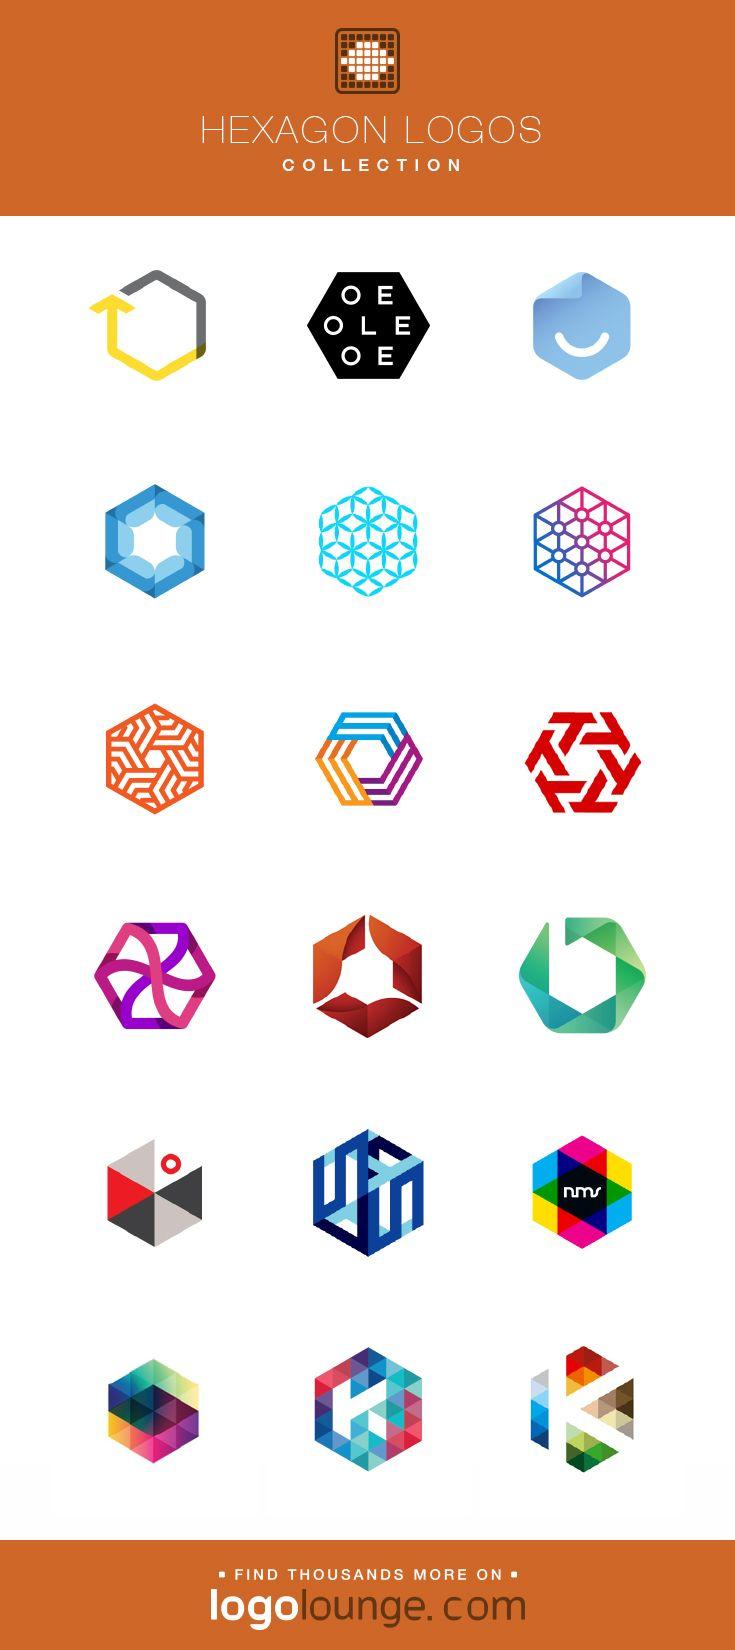 Logo Collections Hexagon Vector Logo Designs Linear Triangle Slices Shapes Overlapping Colors Hexagon Logo Geometric Logo Design Photography Logo Design